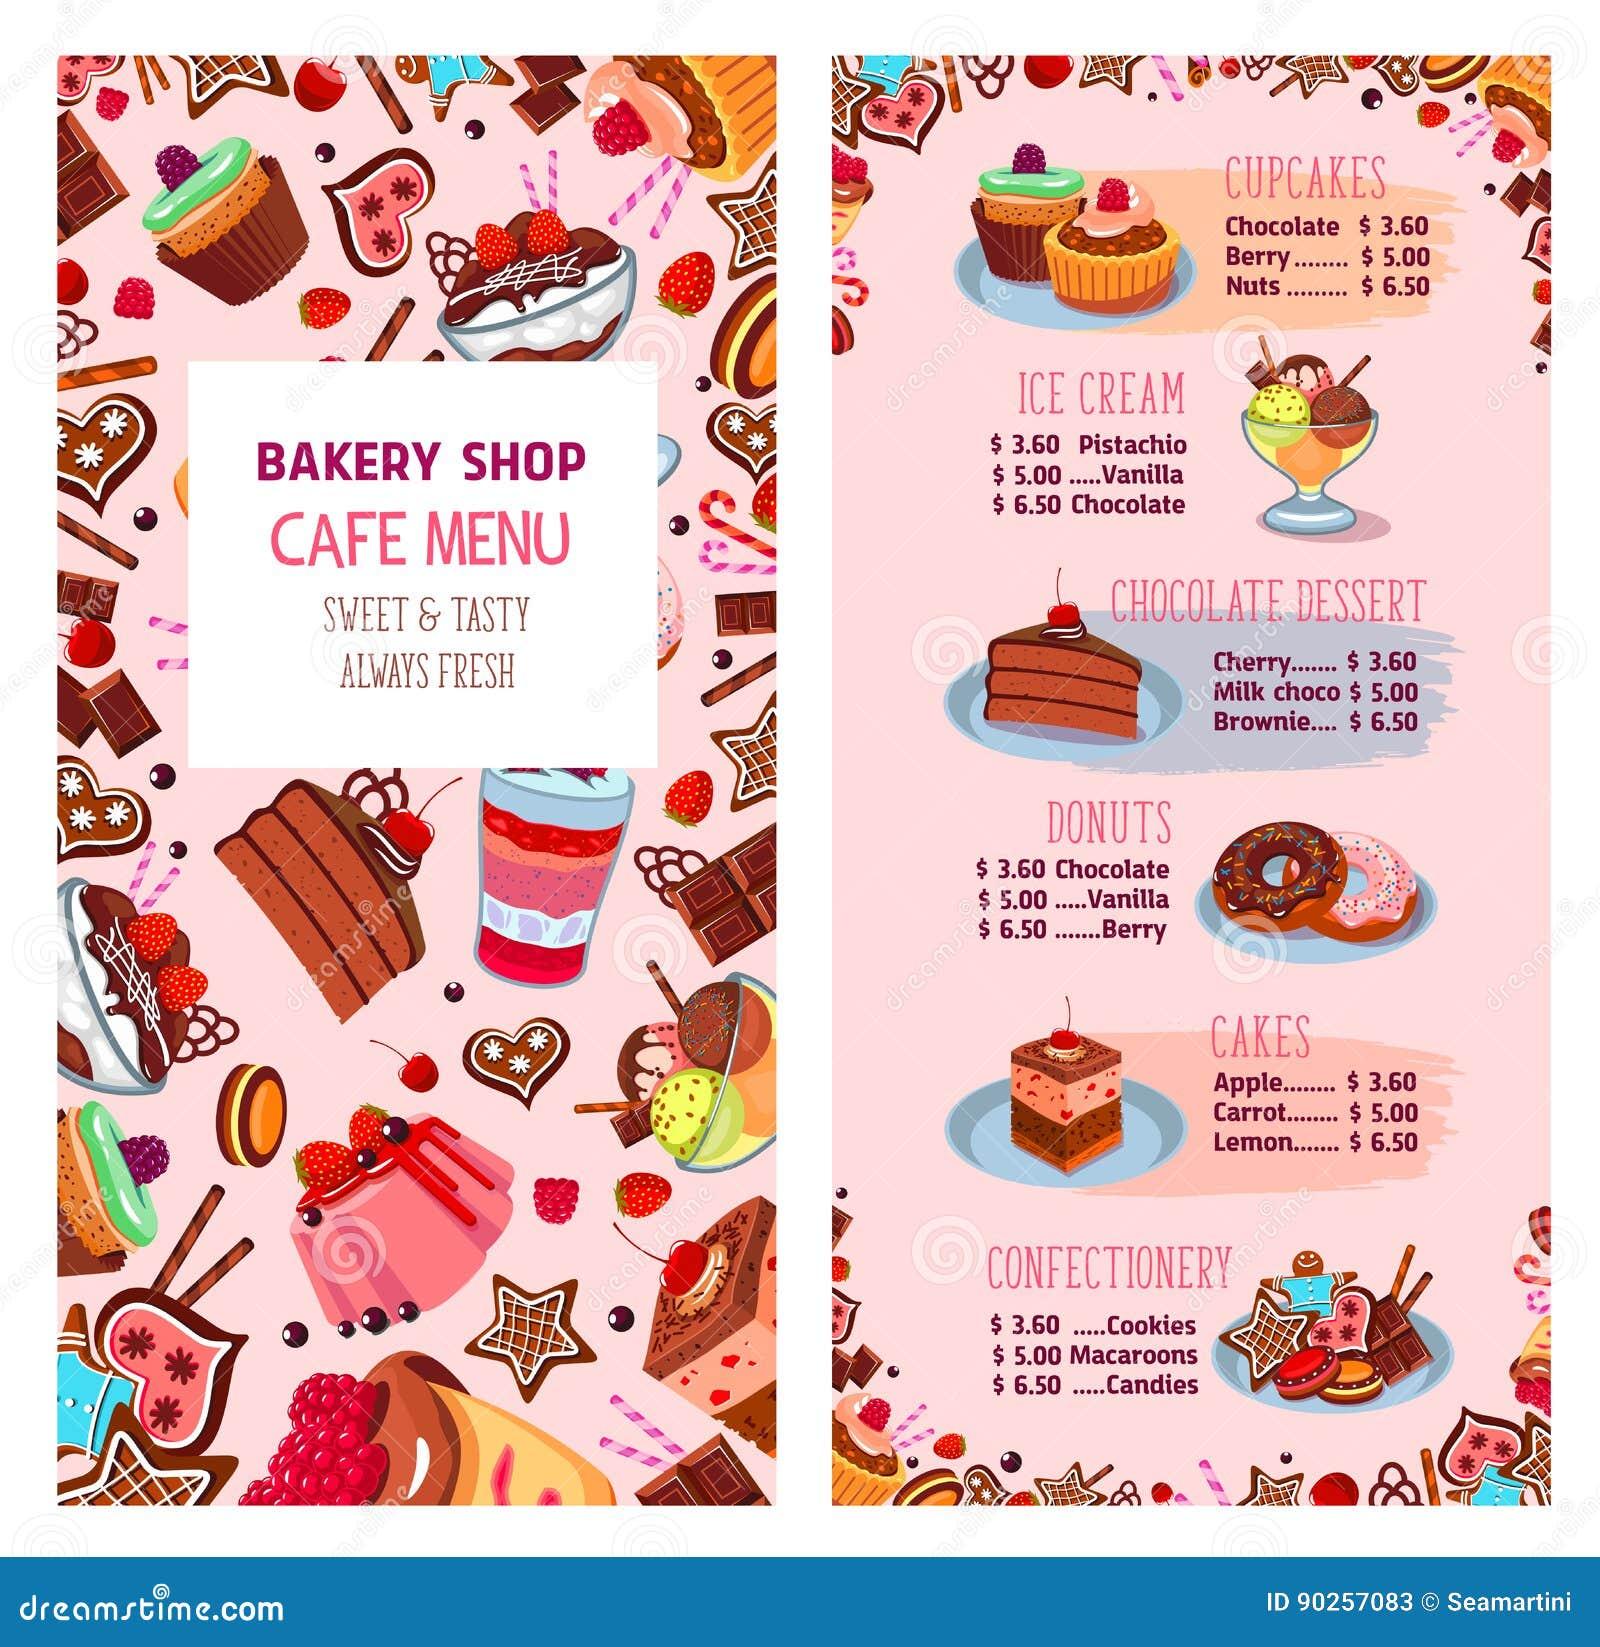 Graphic Design Cafe Menu